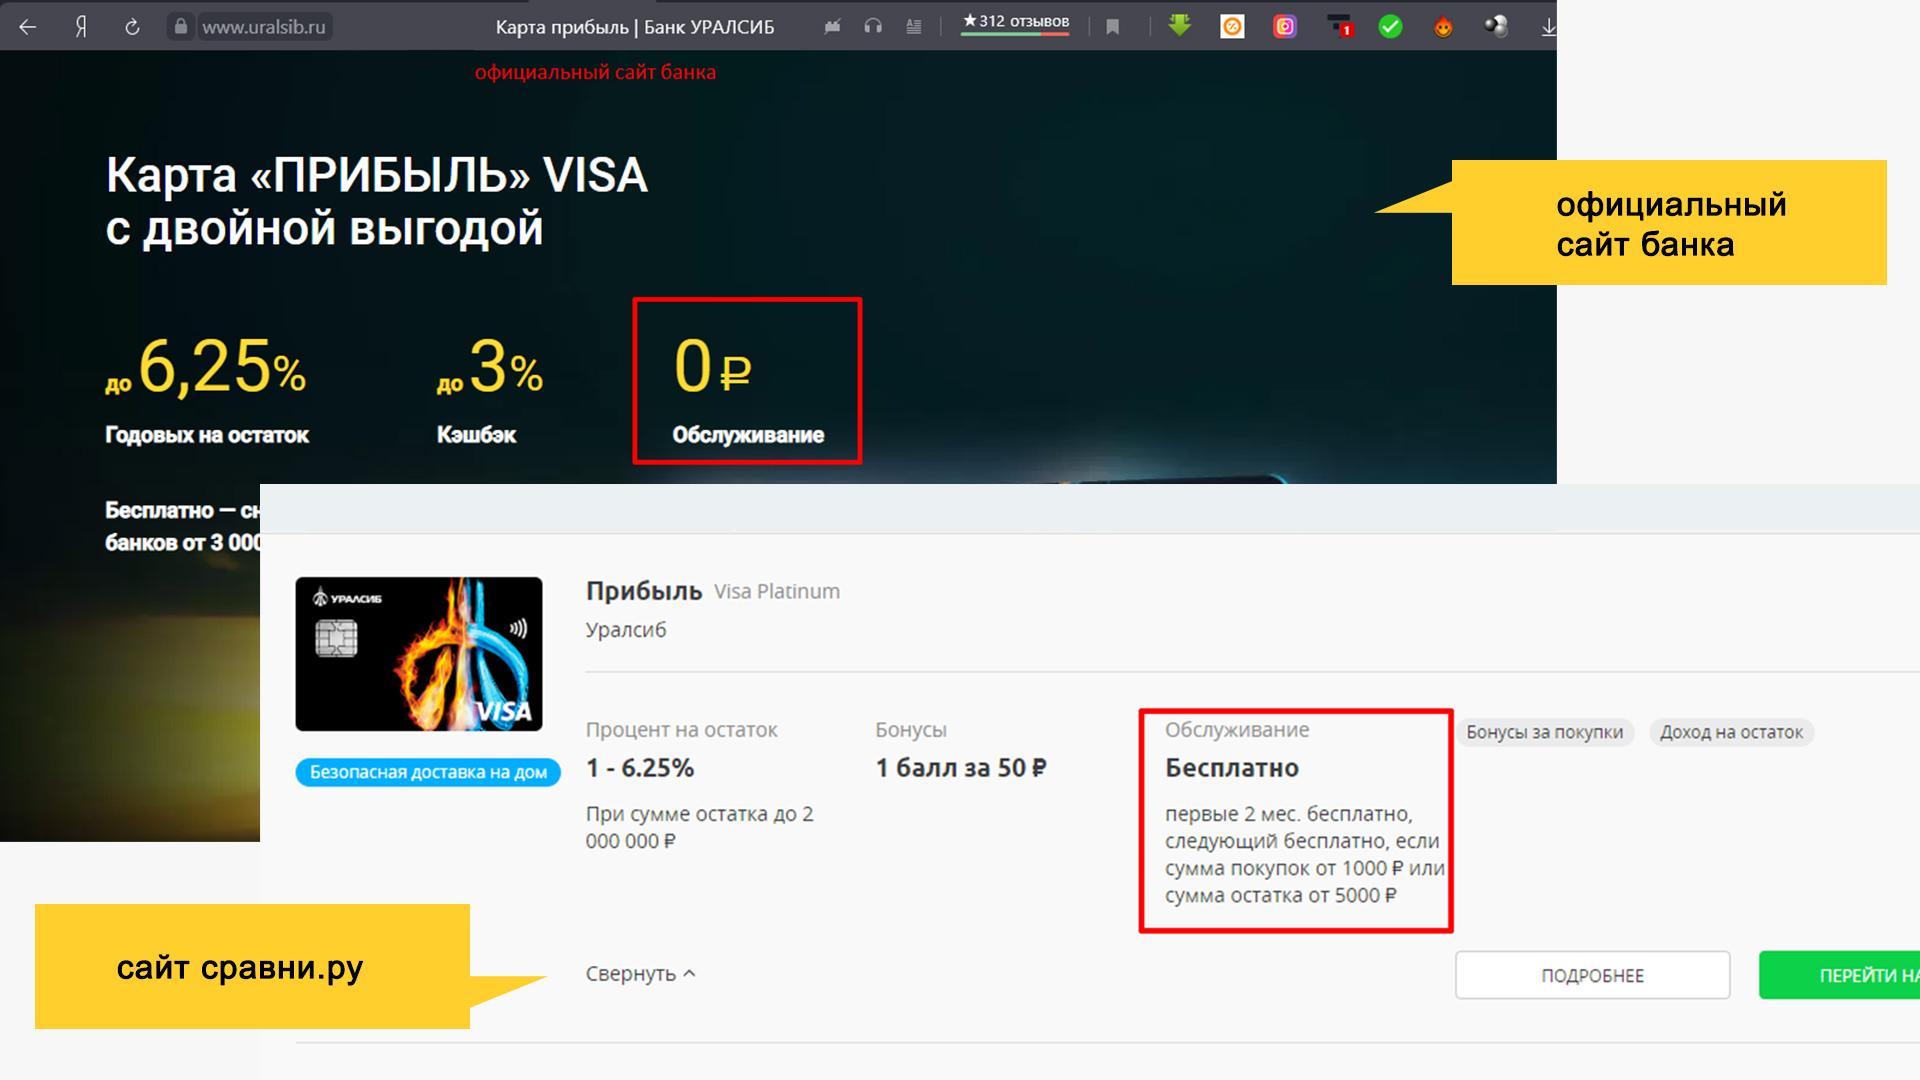 Сравнение страниц c предложением дебетовых карт в агрегаторе Сравни.ру и банка предоставляющего услугу.